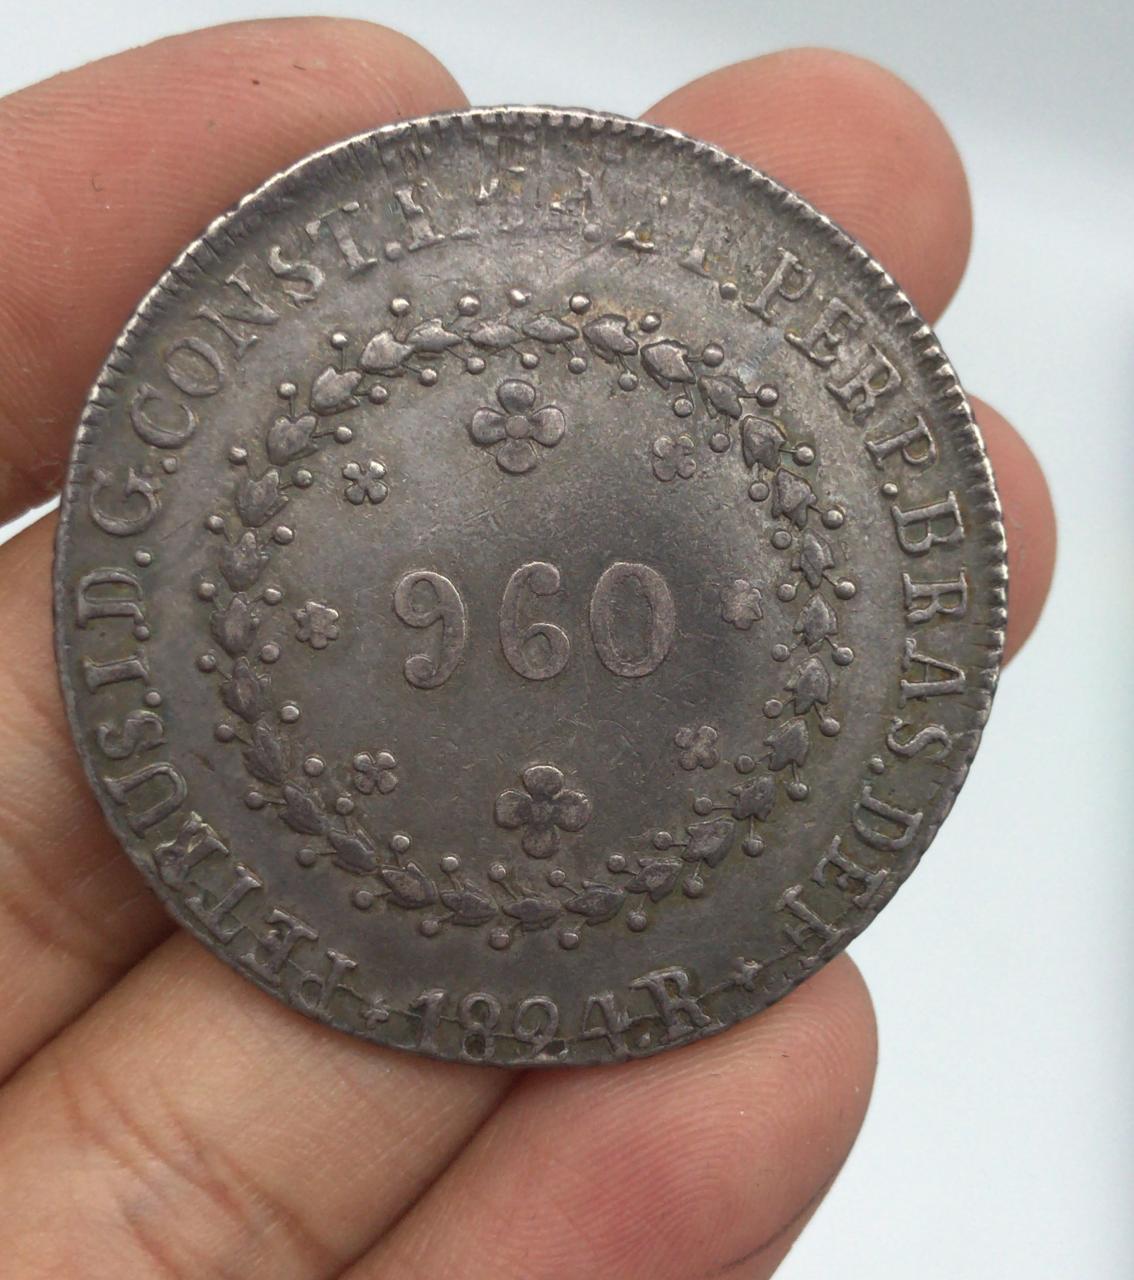 PATACÃO 960 REIS 1824 R  IMPÈRIO